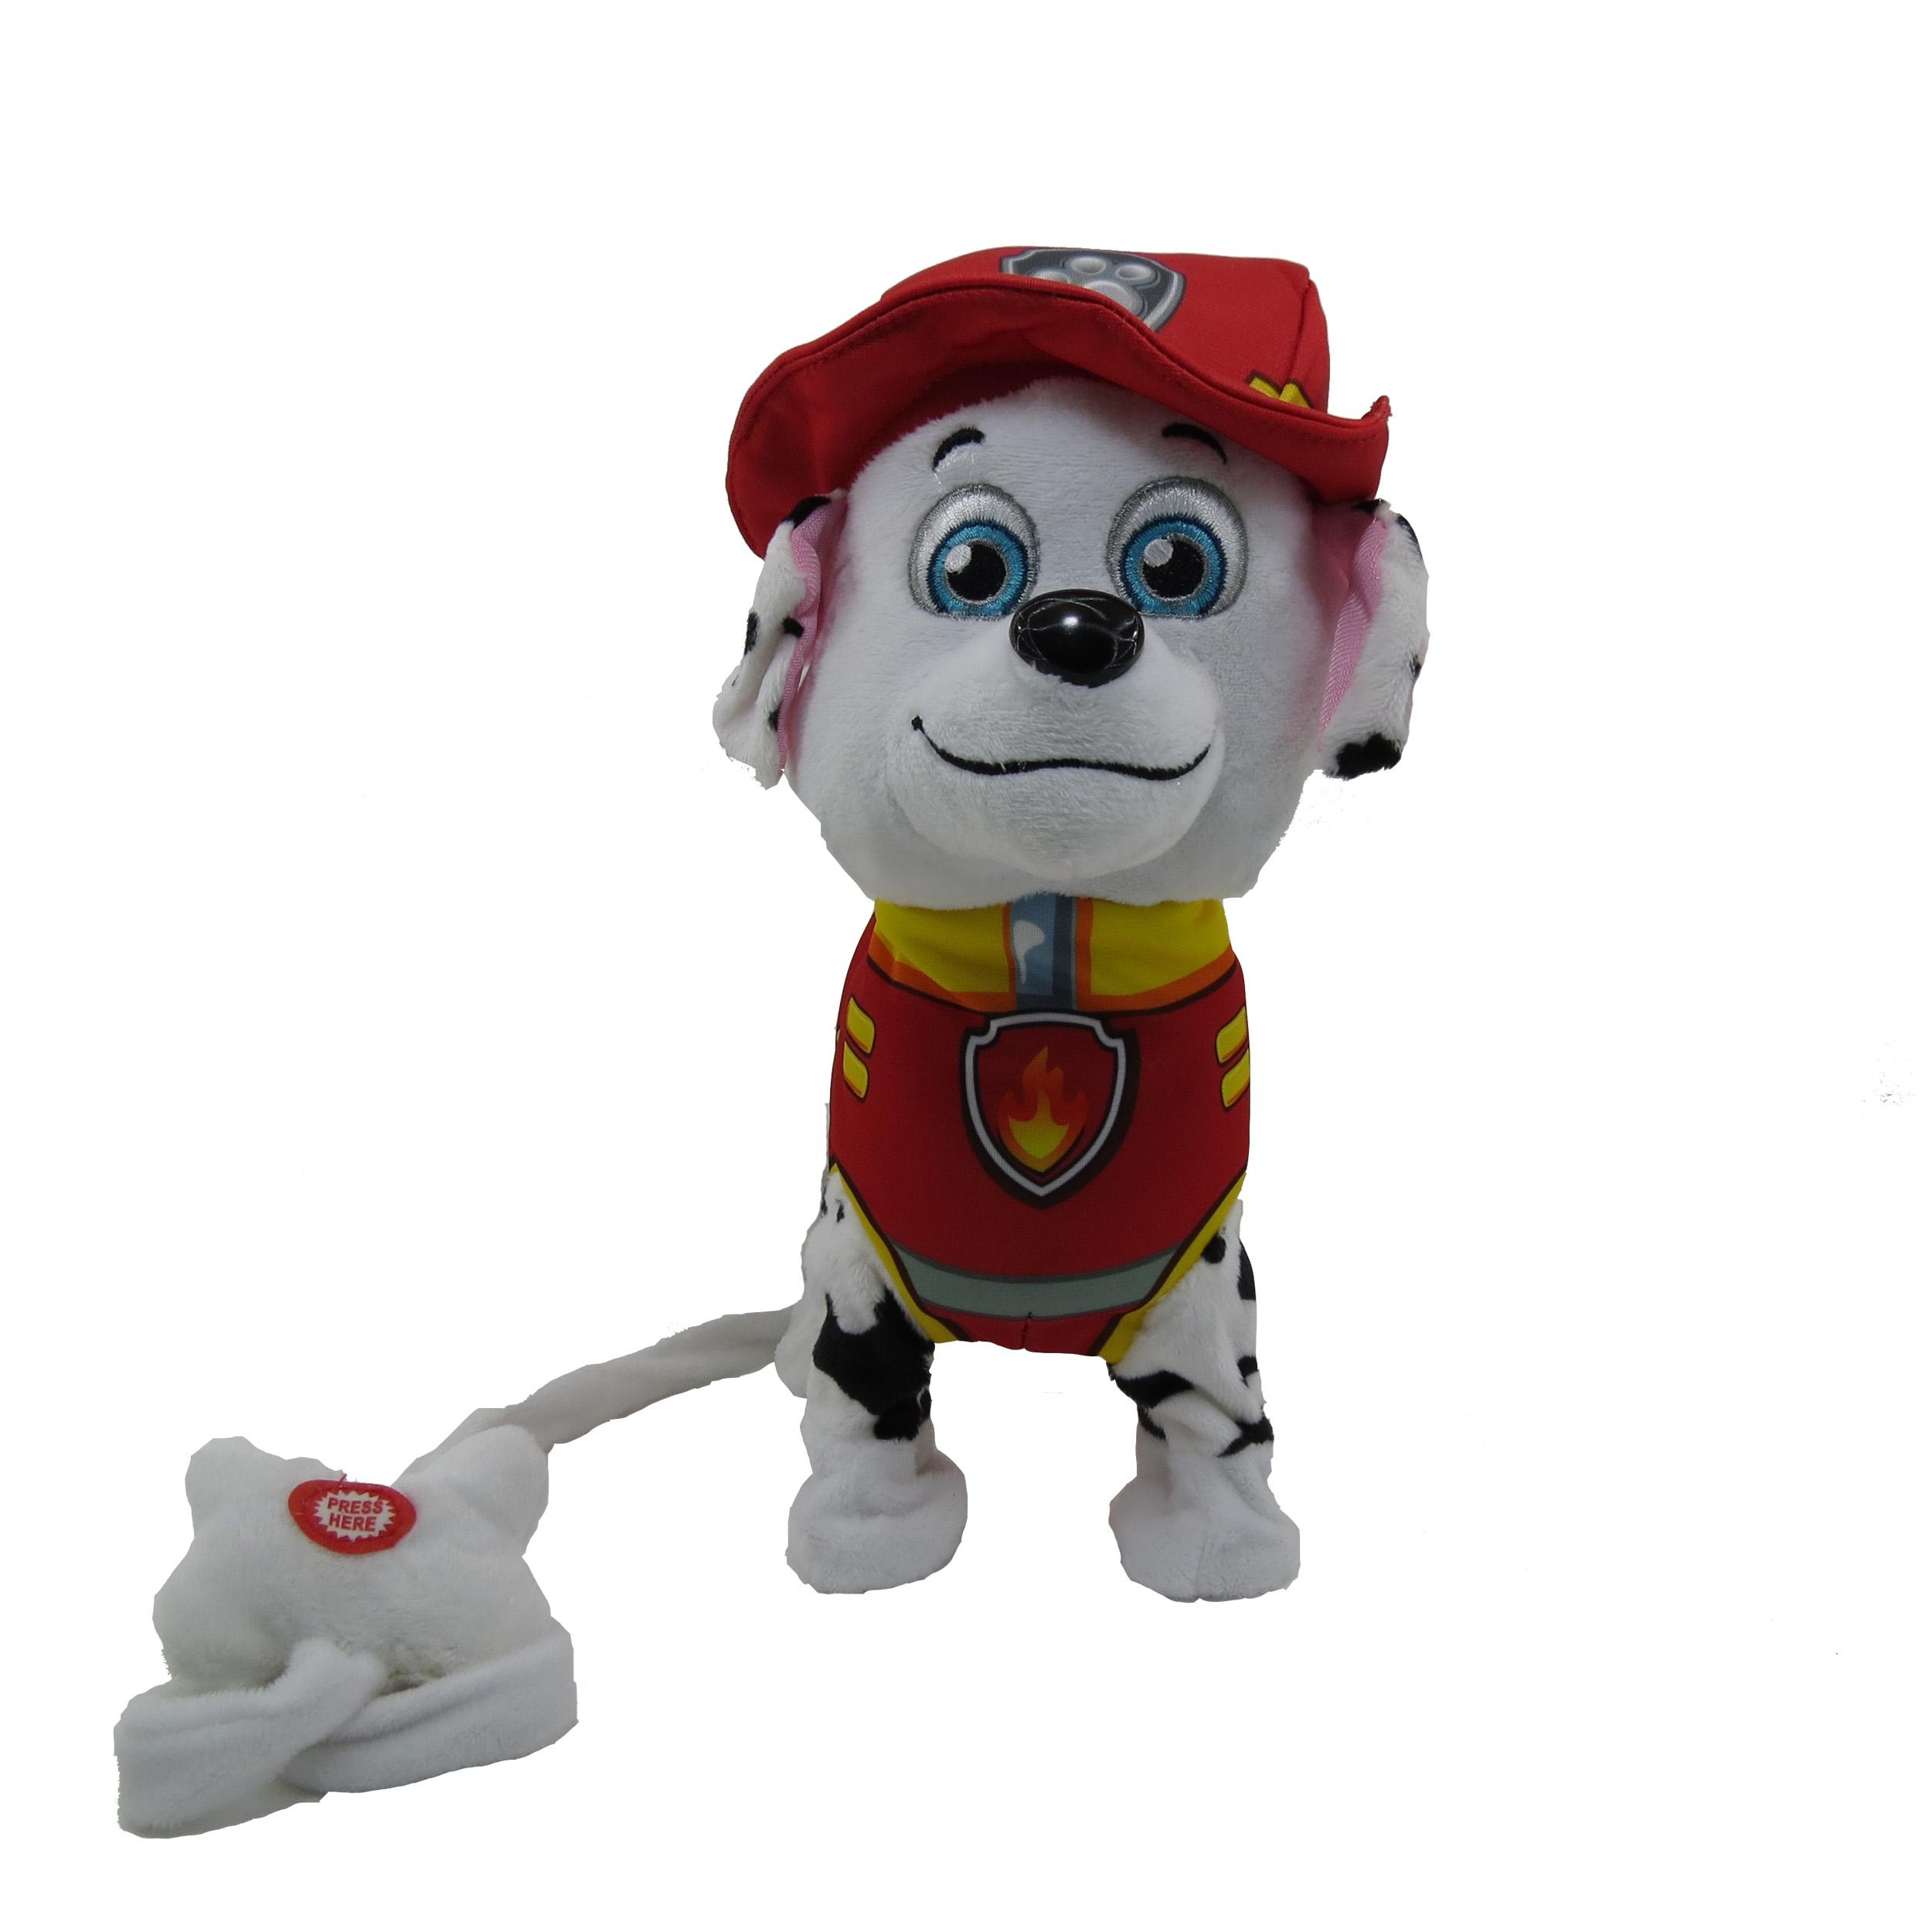 عروسک پاو پاترول سگهای نگهبان مدل Marshal  ارتفاع 25 سانتی متر